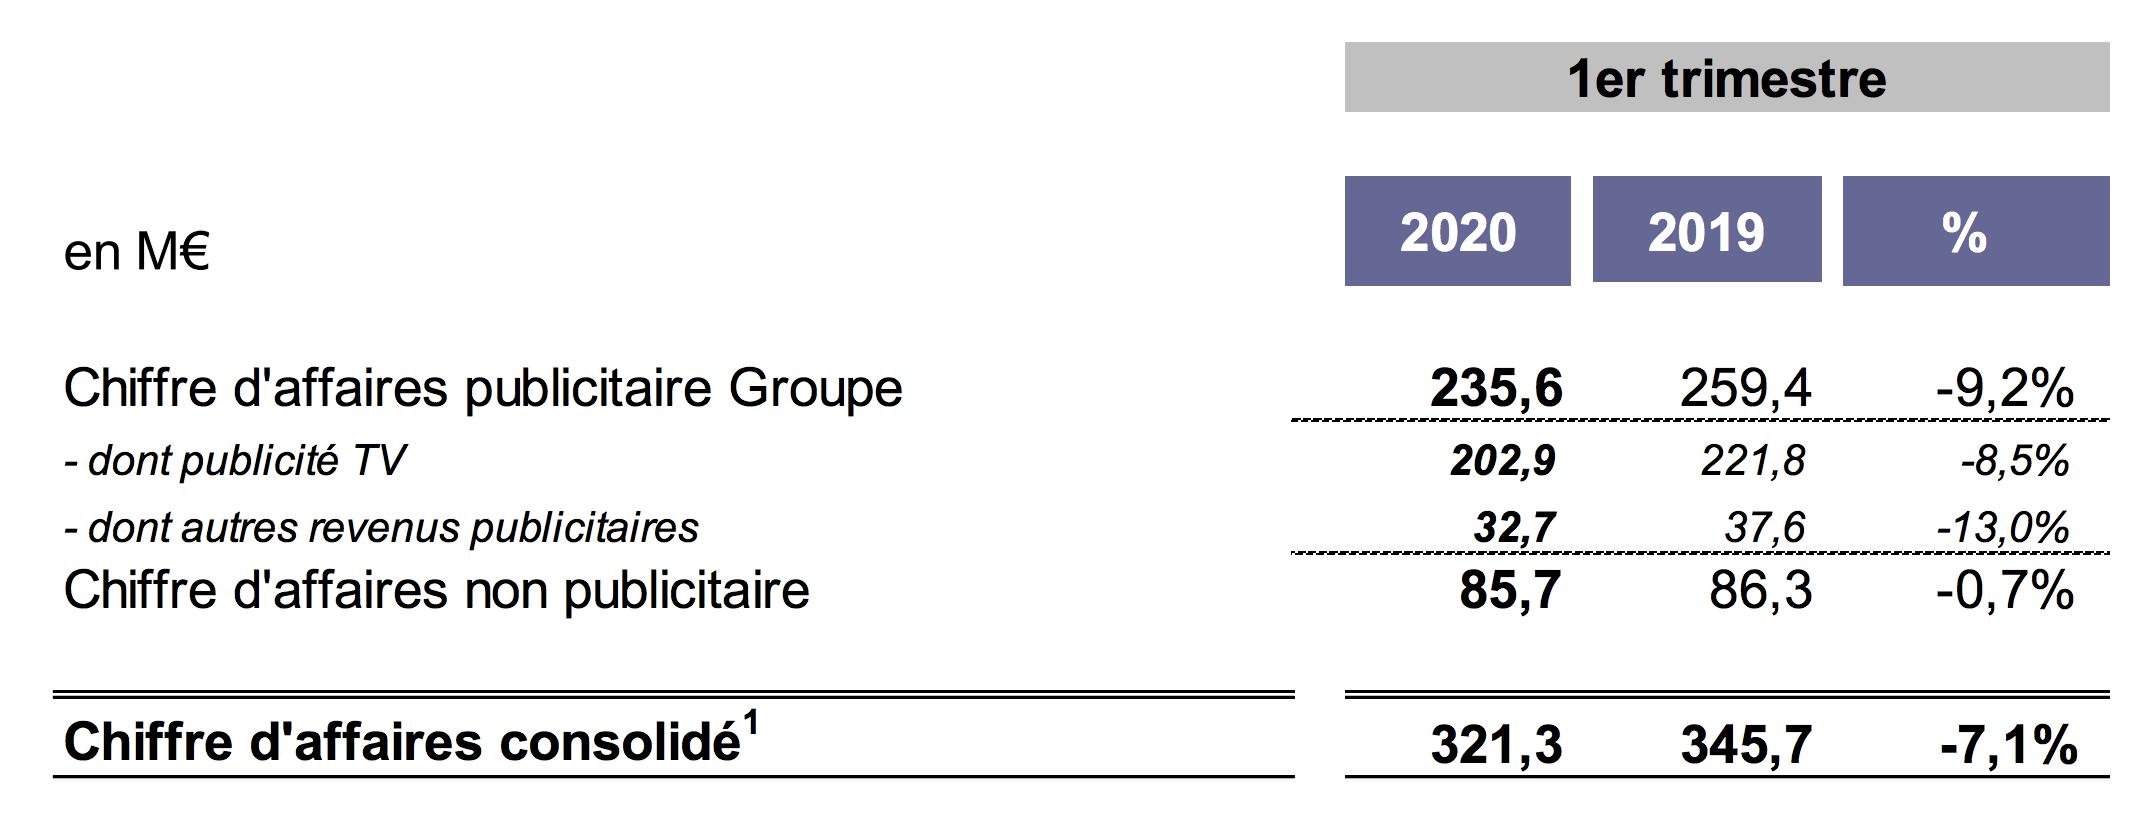 Le chiffre d'affaires de M6 Groupe en retrait